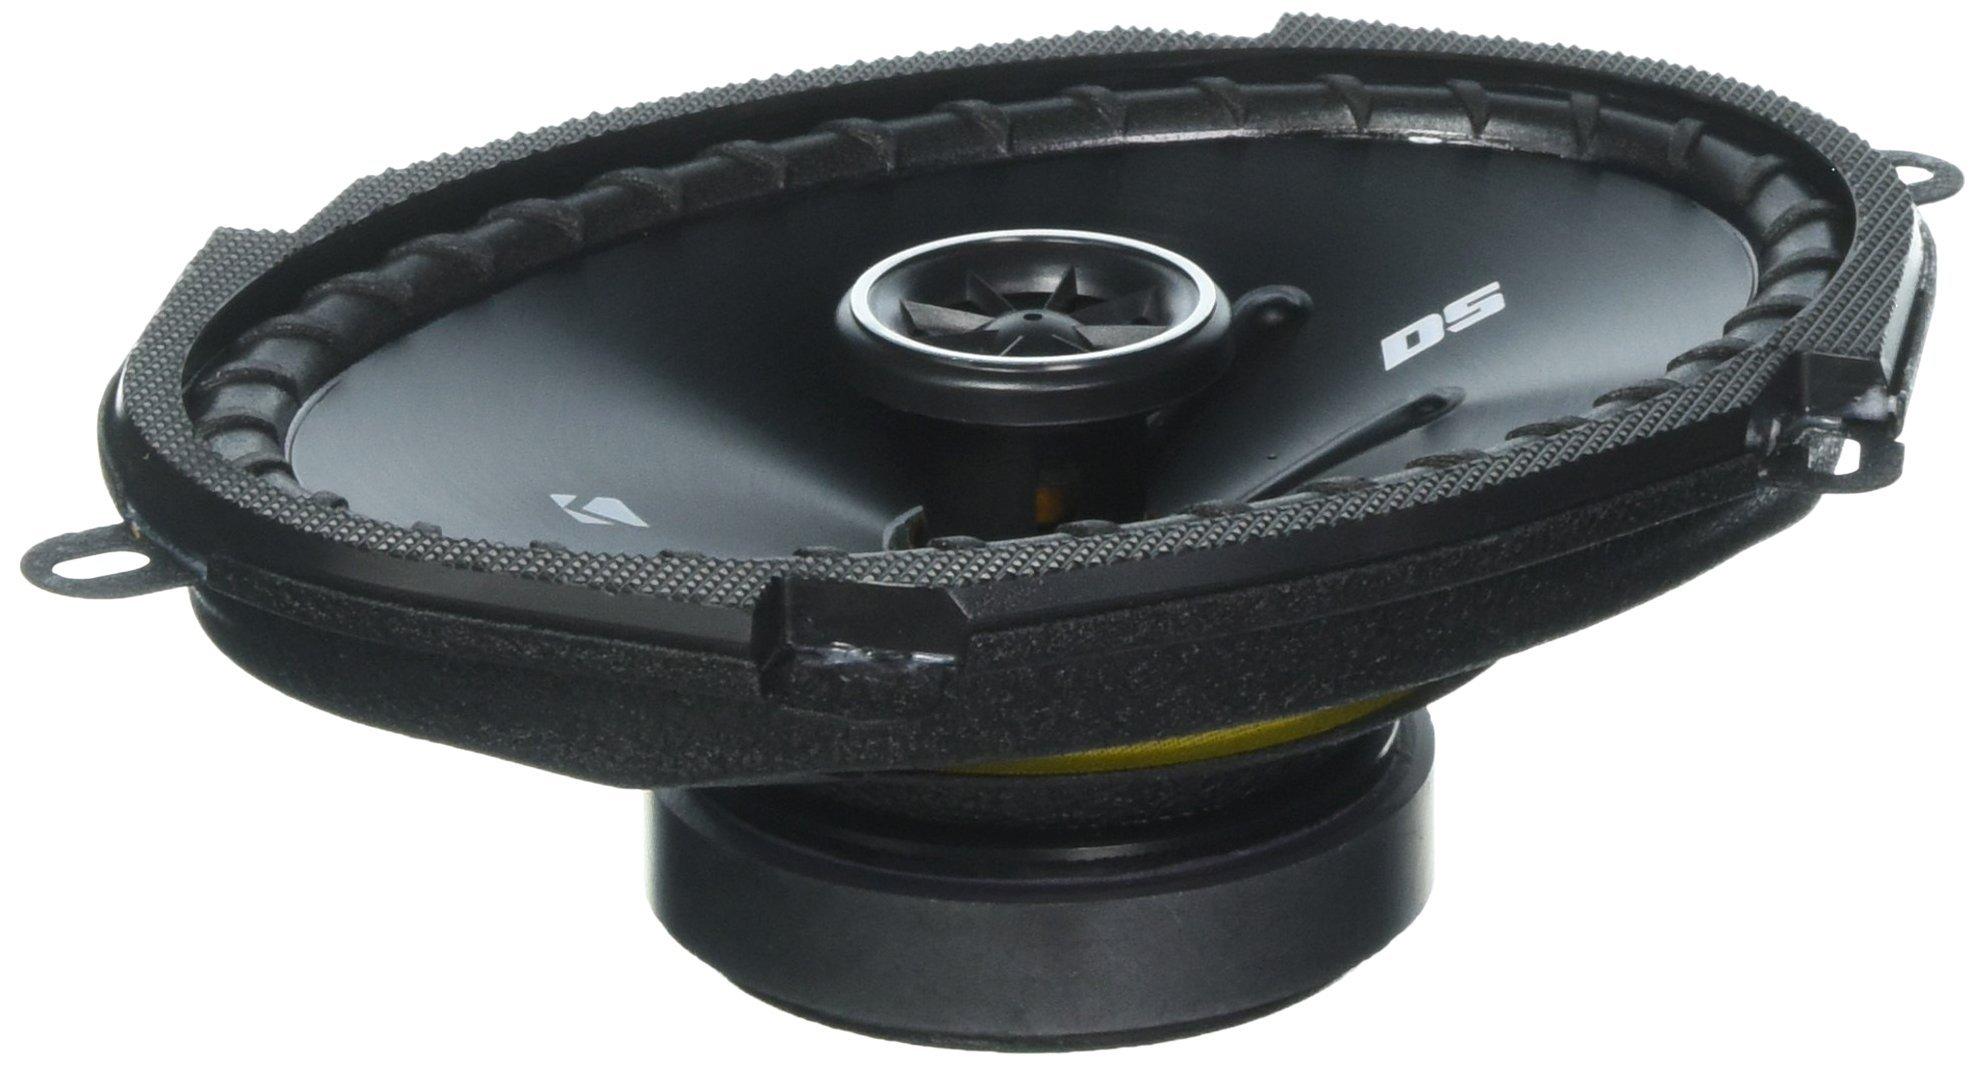 Kicker 43DSC6804 D-Series 6x8-Inch 200W Speakers Pair by Kicker